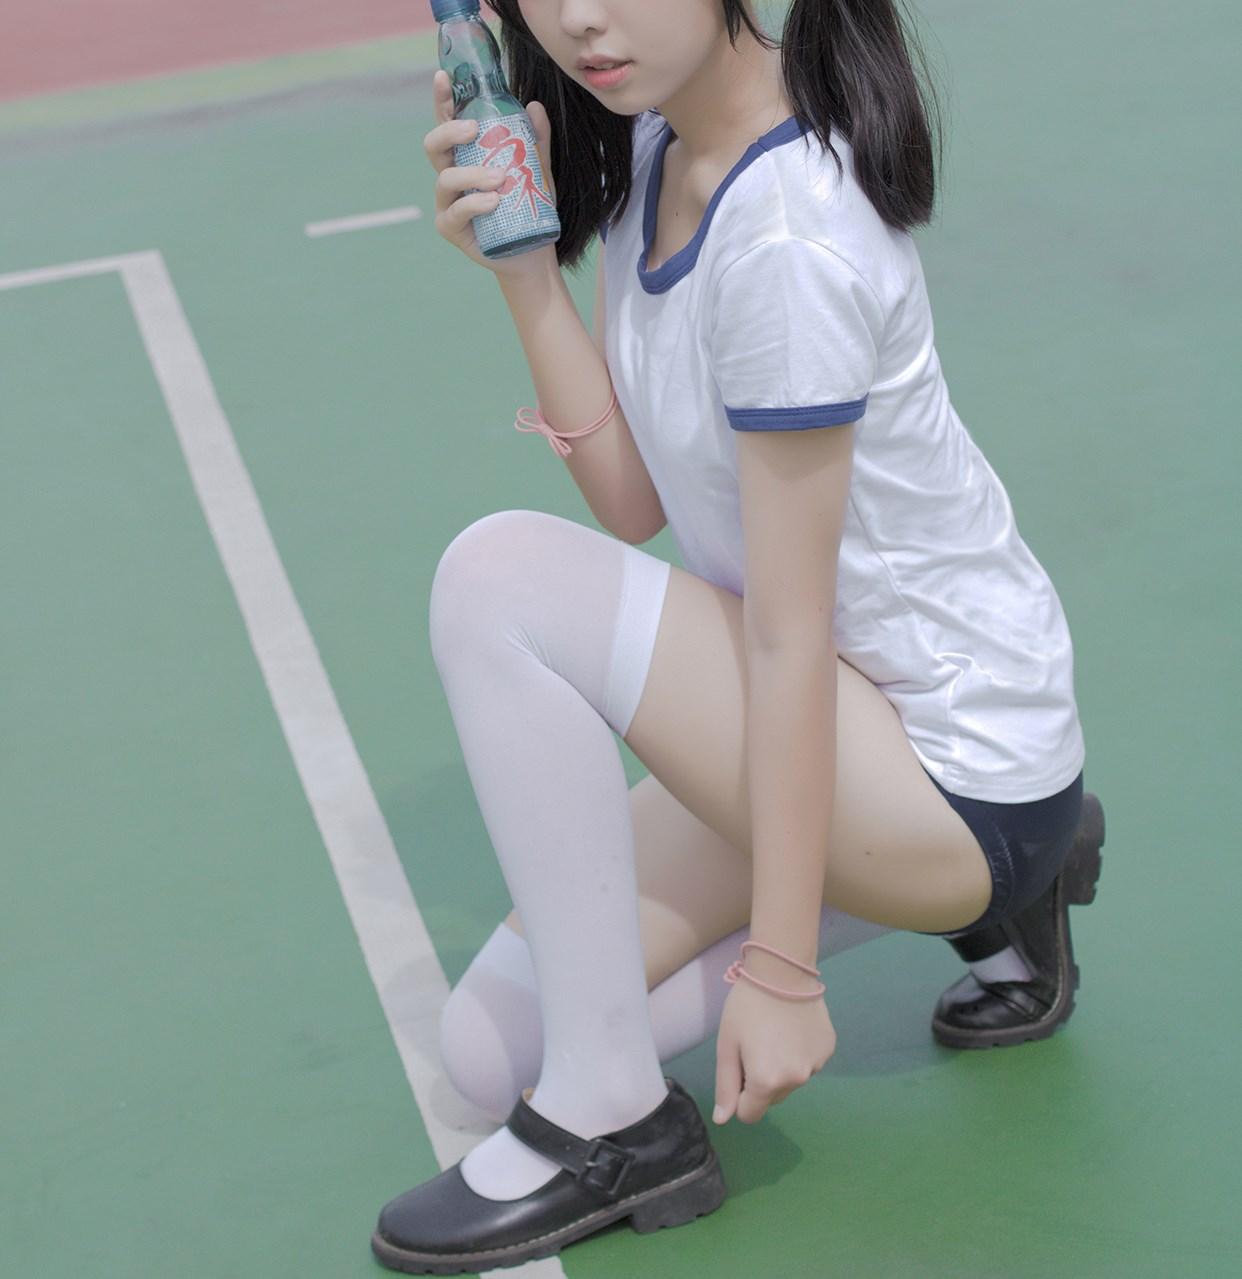 【兔玩映画】萝莉的体操服 兔玩映画 第11张